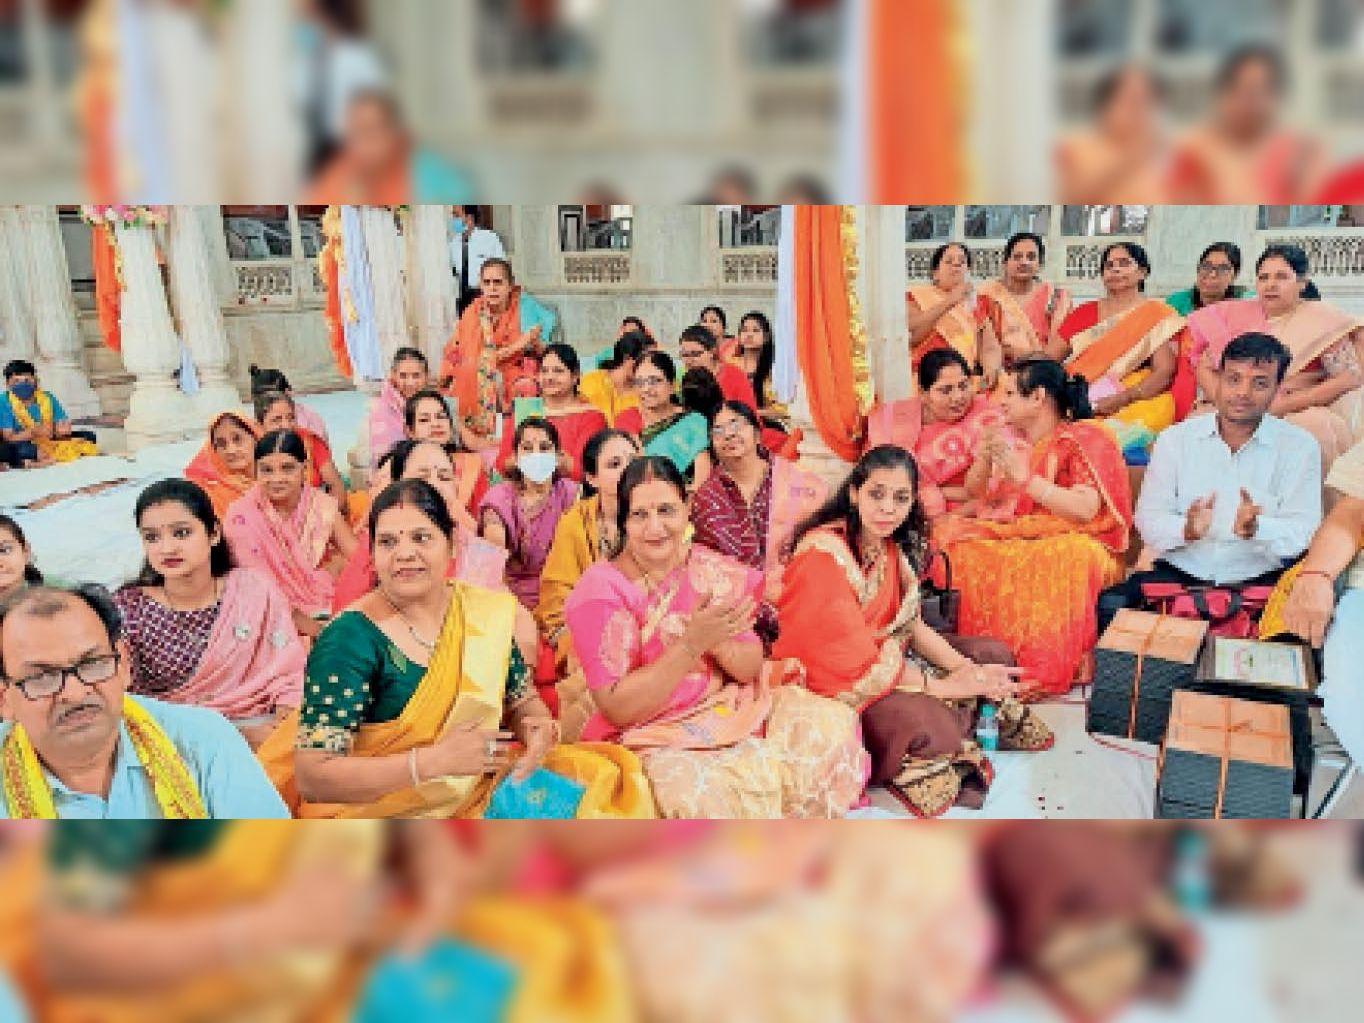 श्री अग्रसेन महाराज की जयंती के अवसर पर गुरुवार को अग्रवाल समाज प्रन्यास की ओर से विभिन्न कार्यक्रमों का आयोजन किया गया। - Dainik Bhaskar